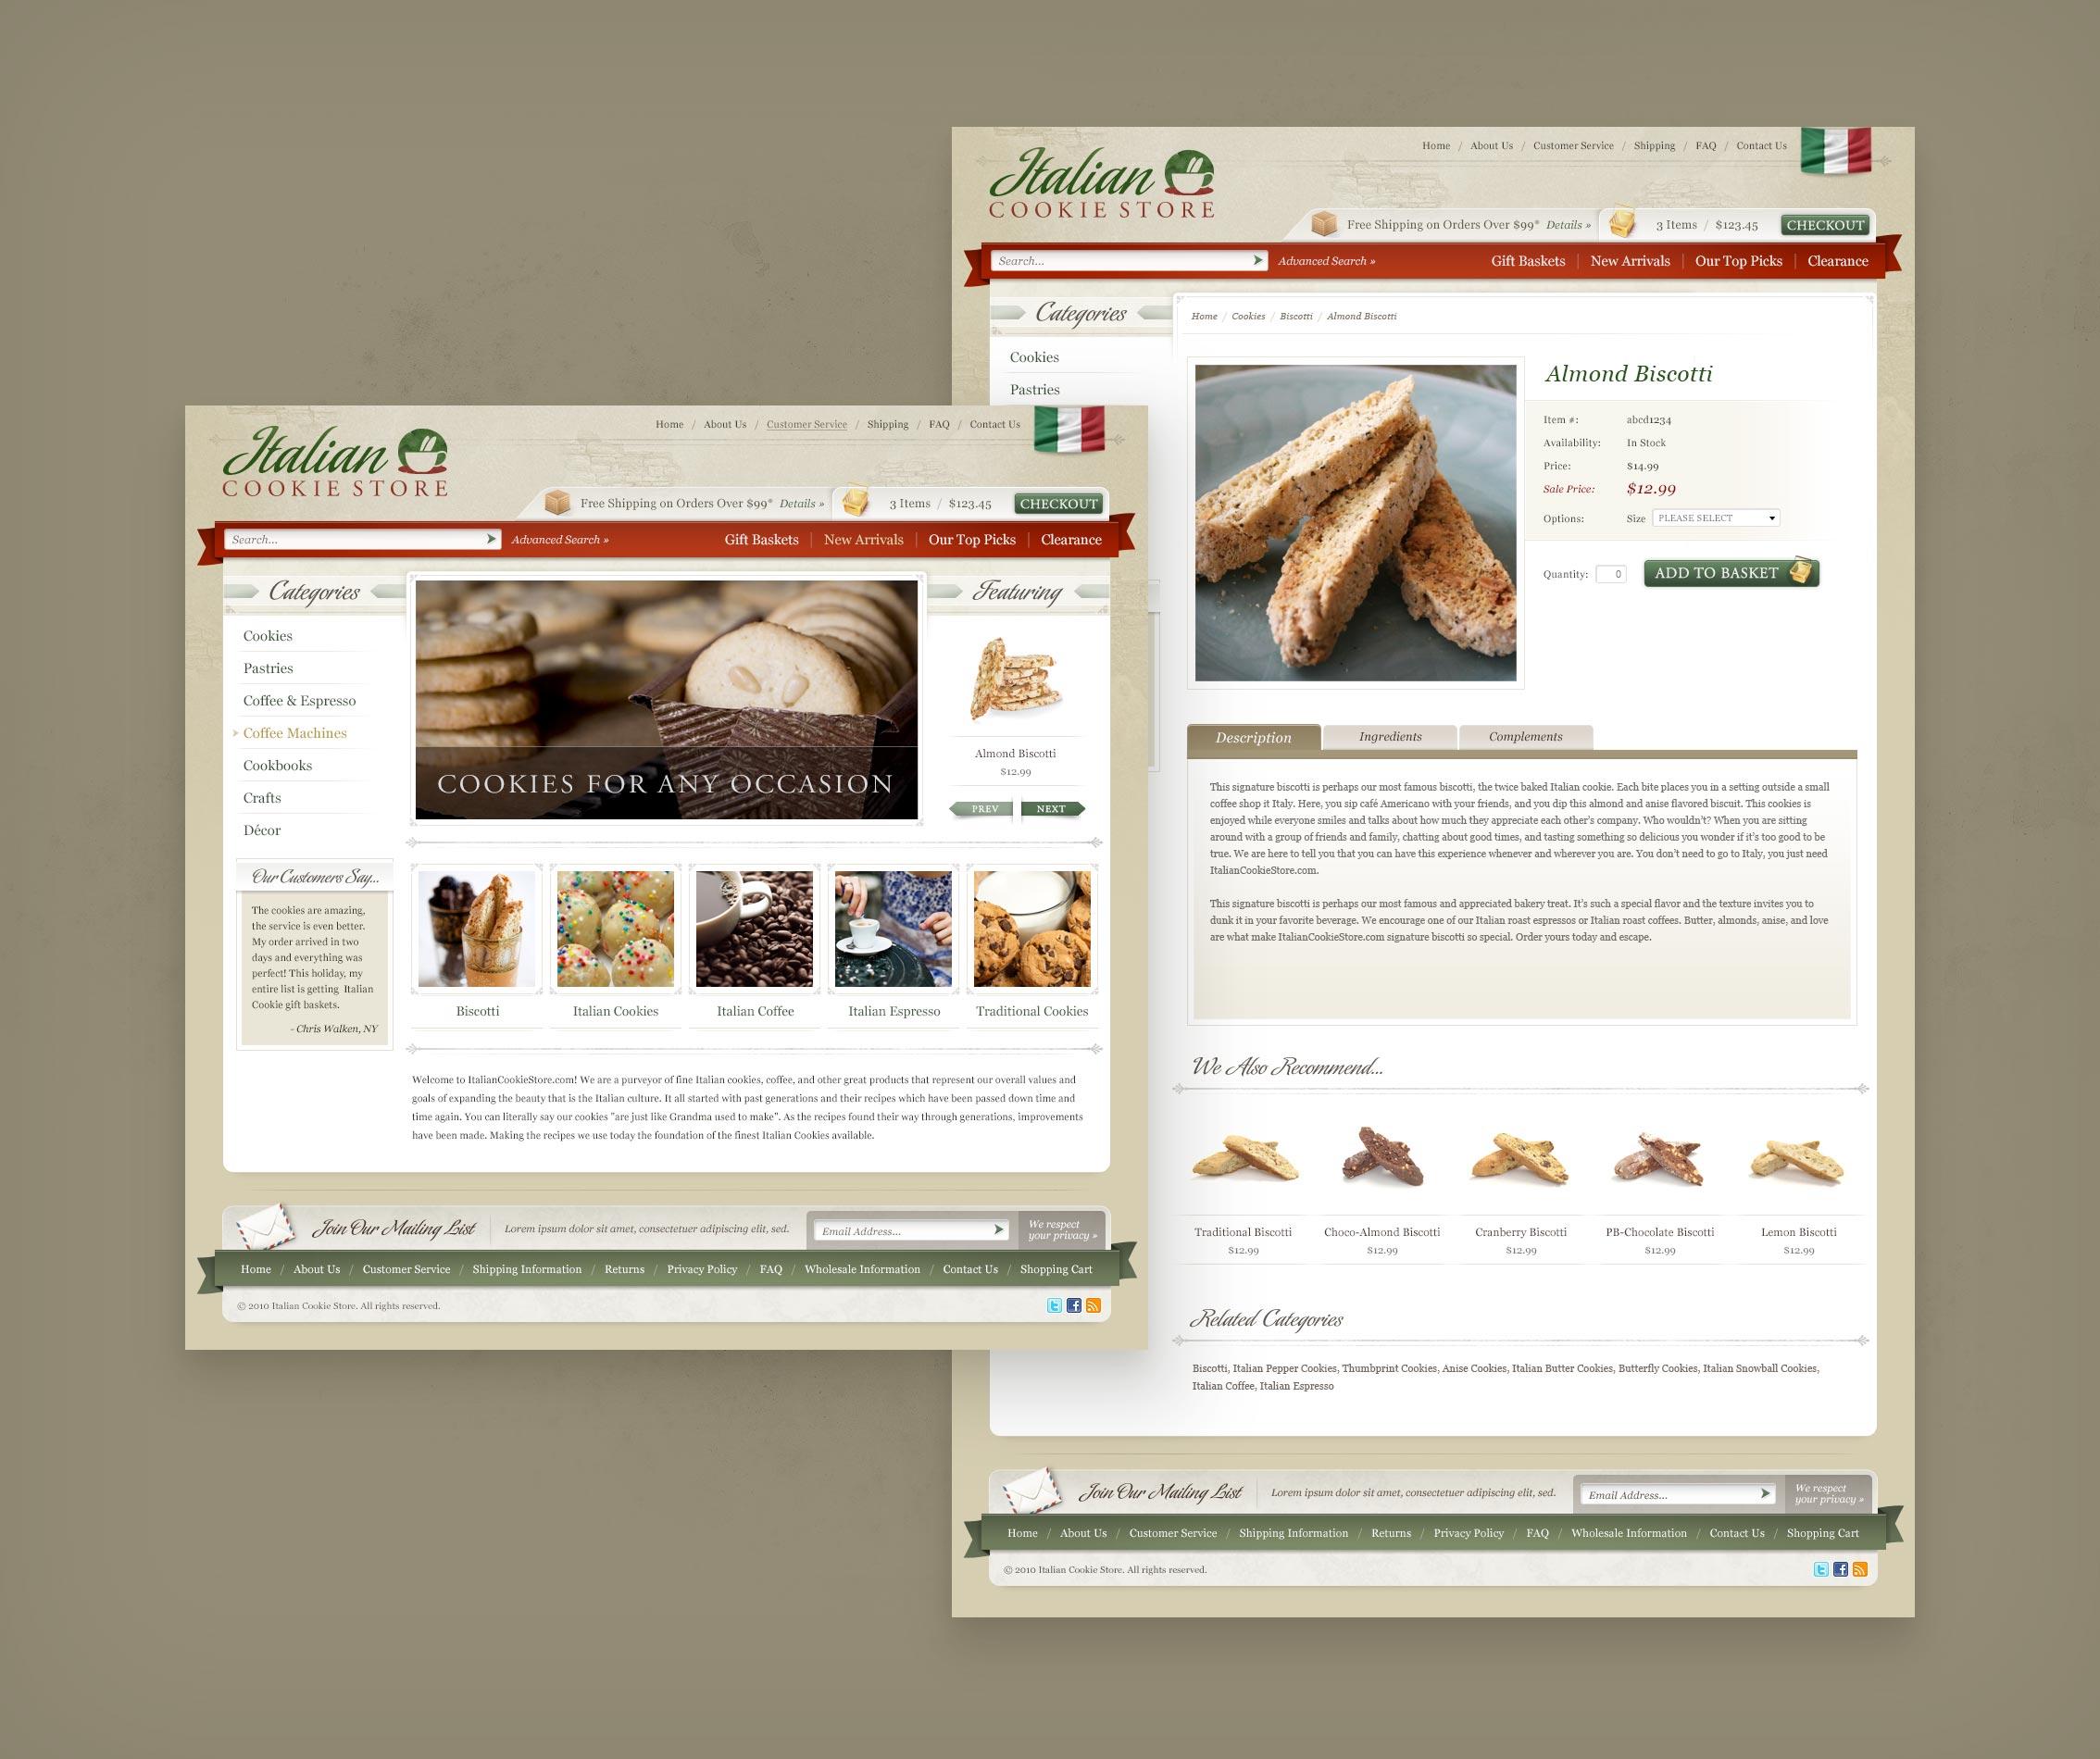 Italian Cookie Store Design